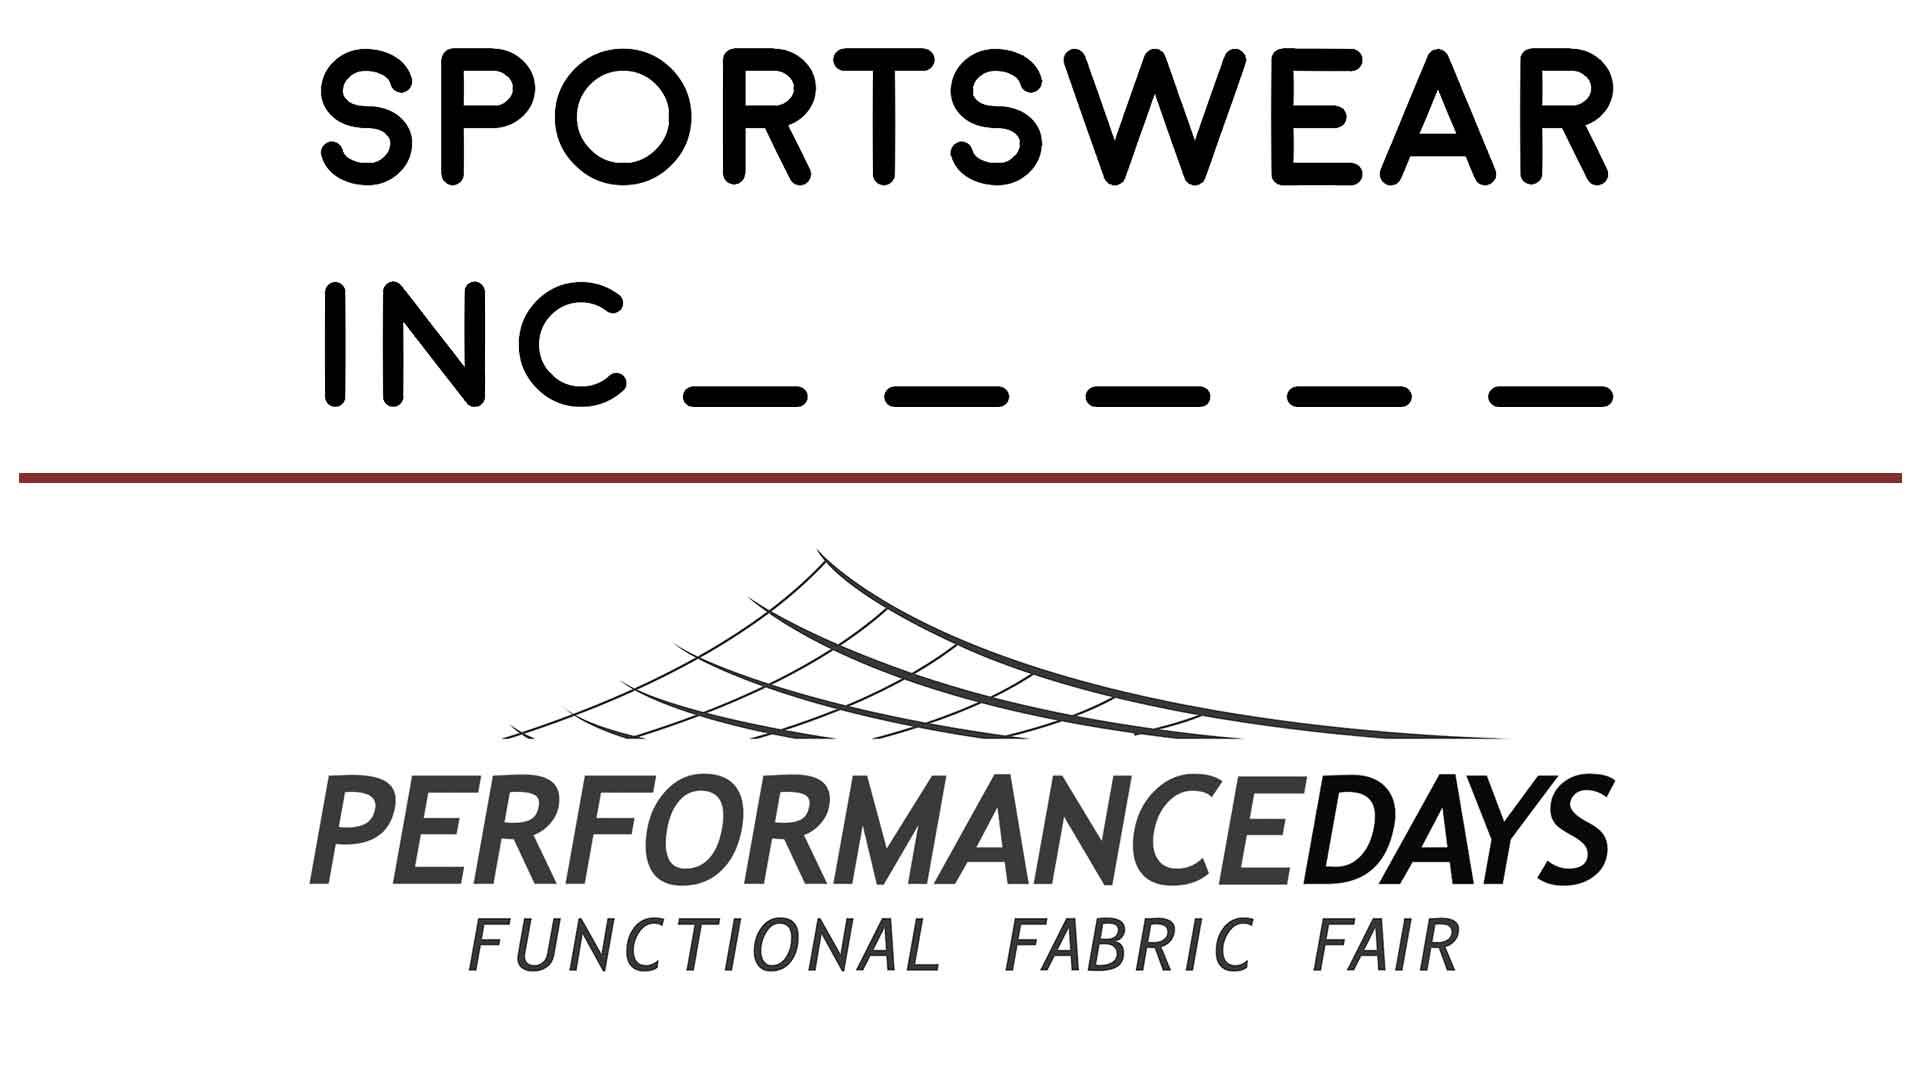 Sportswear Inc. Performance Days